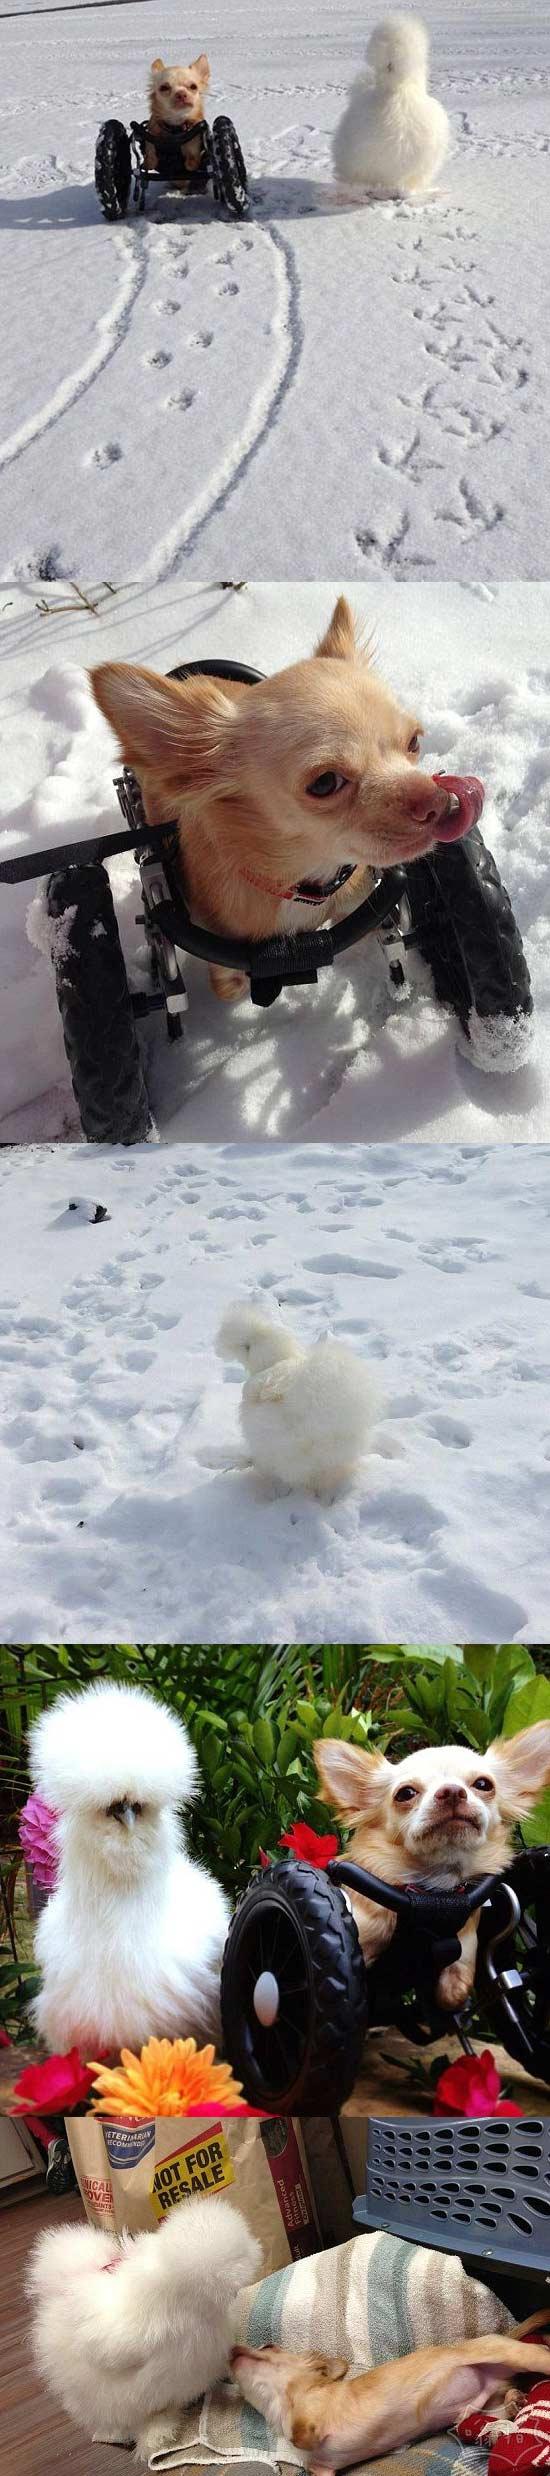 死党:乌鸡和两条腿小狗的快乐生活